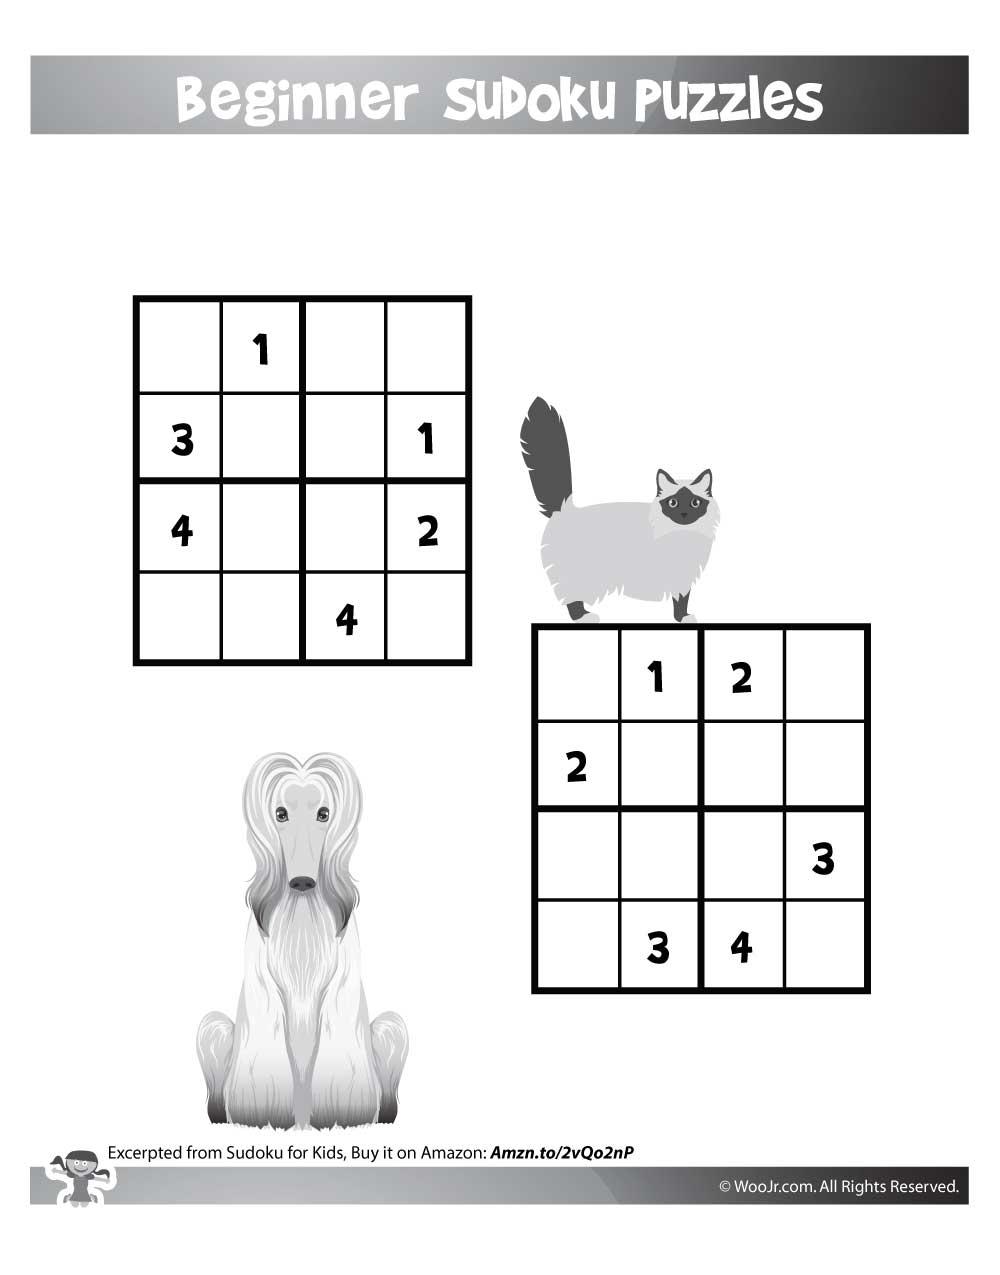 Easy Beginner Sudoku Puzzles For Kids | Woo! Jr. Kids Activities